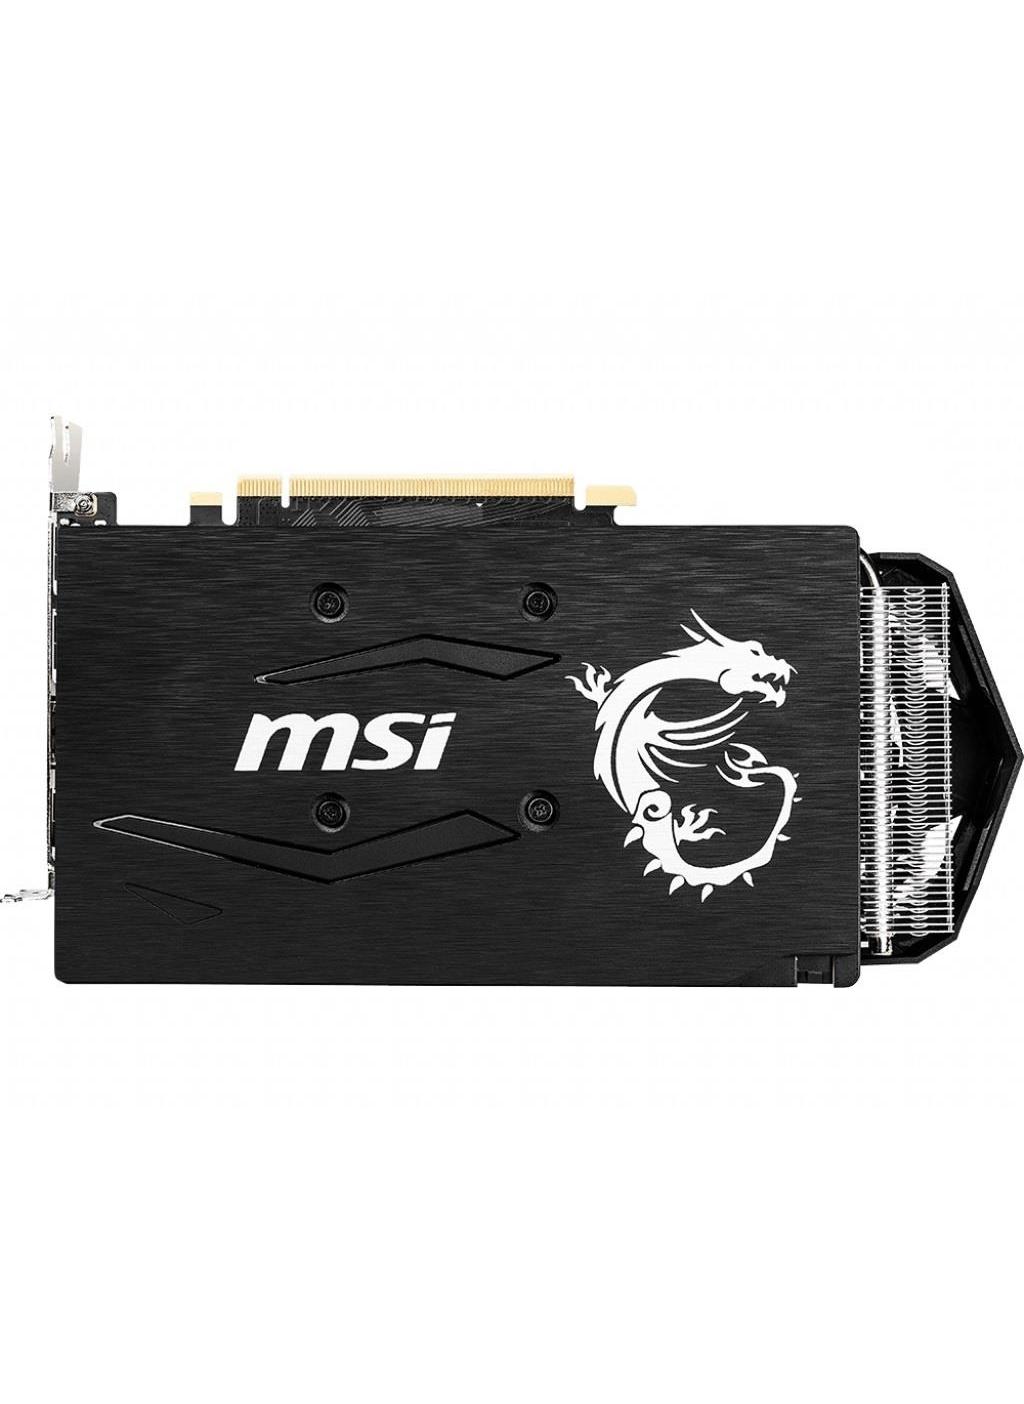 Standart MSI Vga Geforce Gtx1660 Tı Armor 6G Gddr6 192B Dx12 Pcıe 3.0 X16 (1Xhdmı 3Xdp)Ekran Kartı